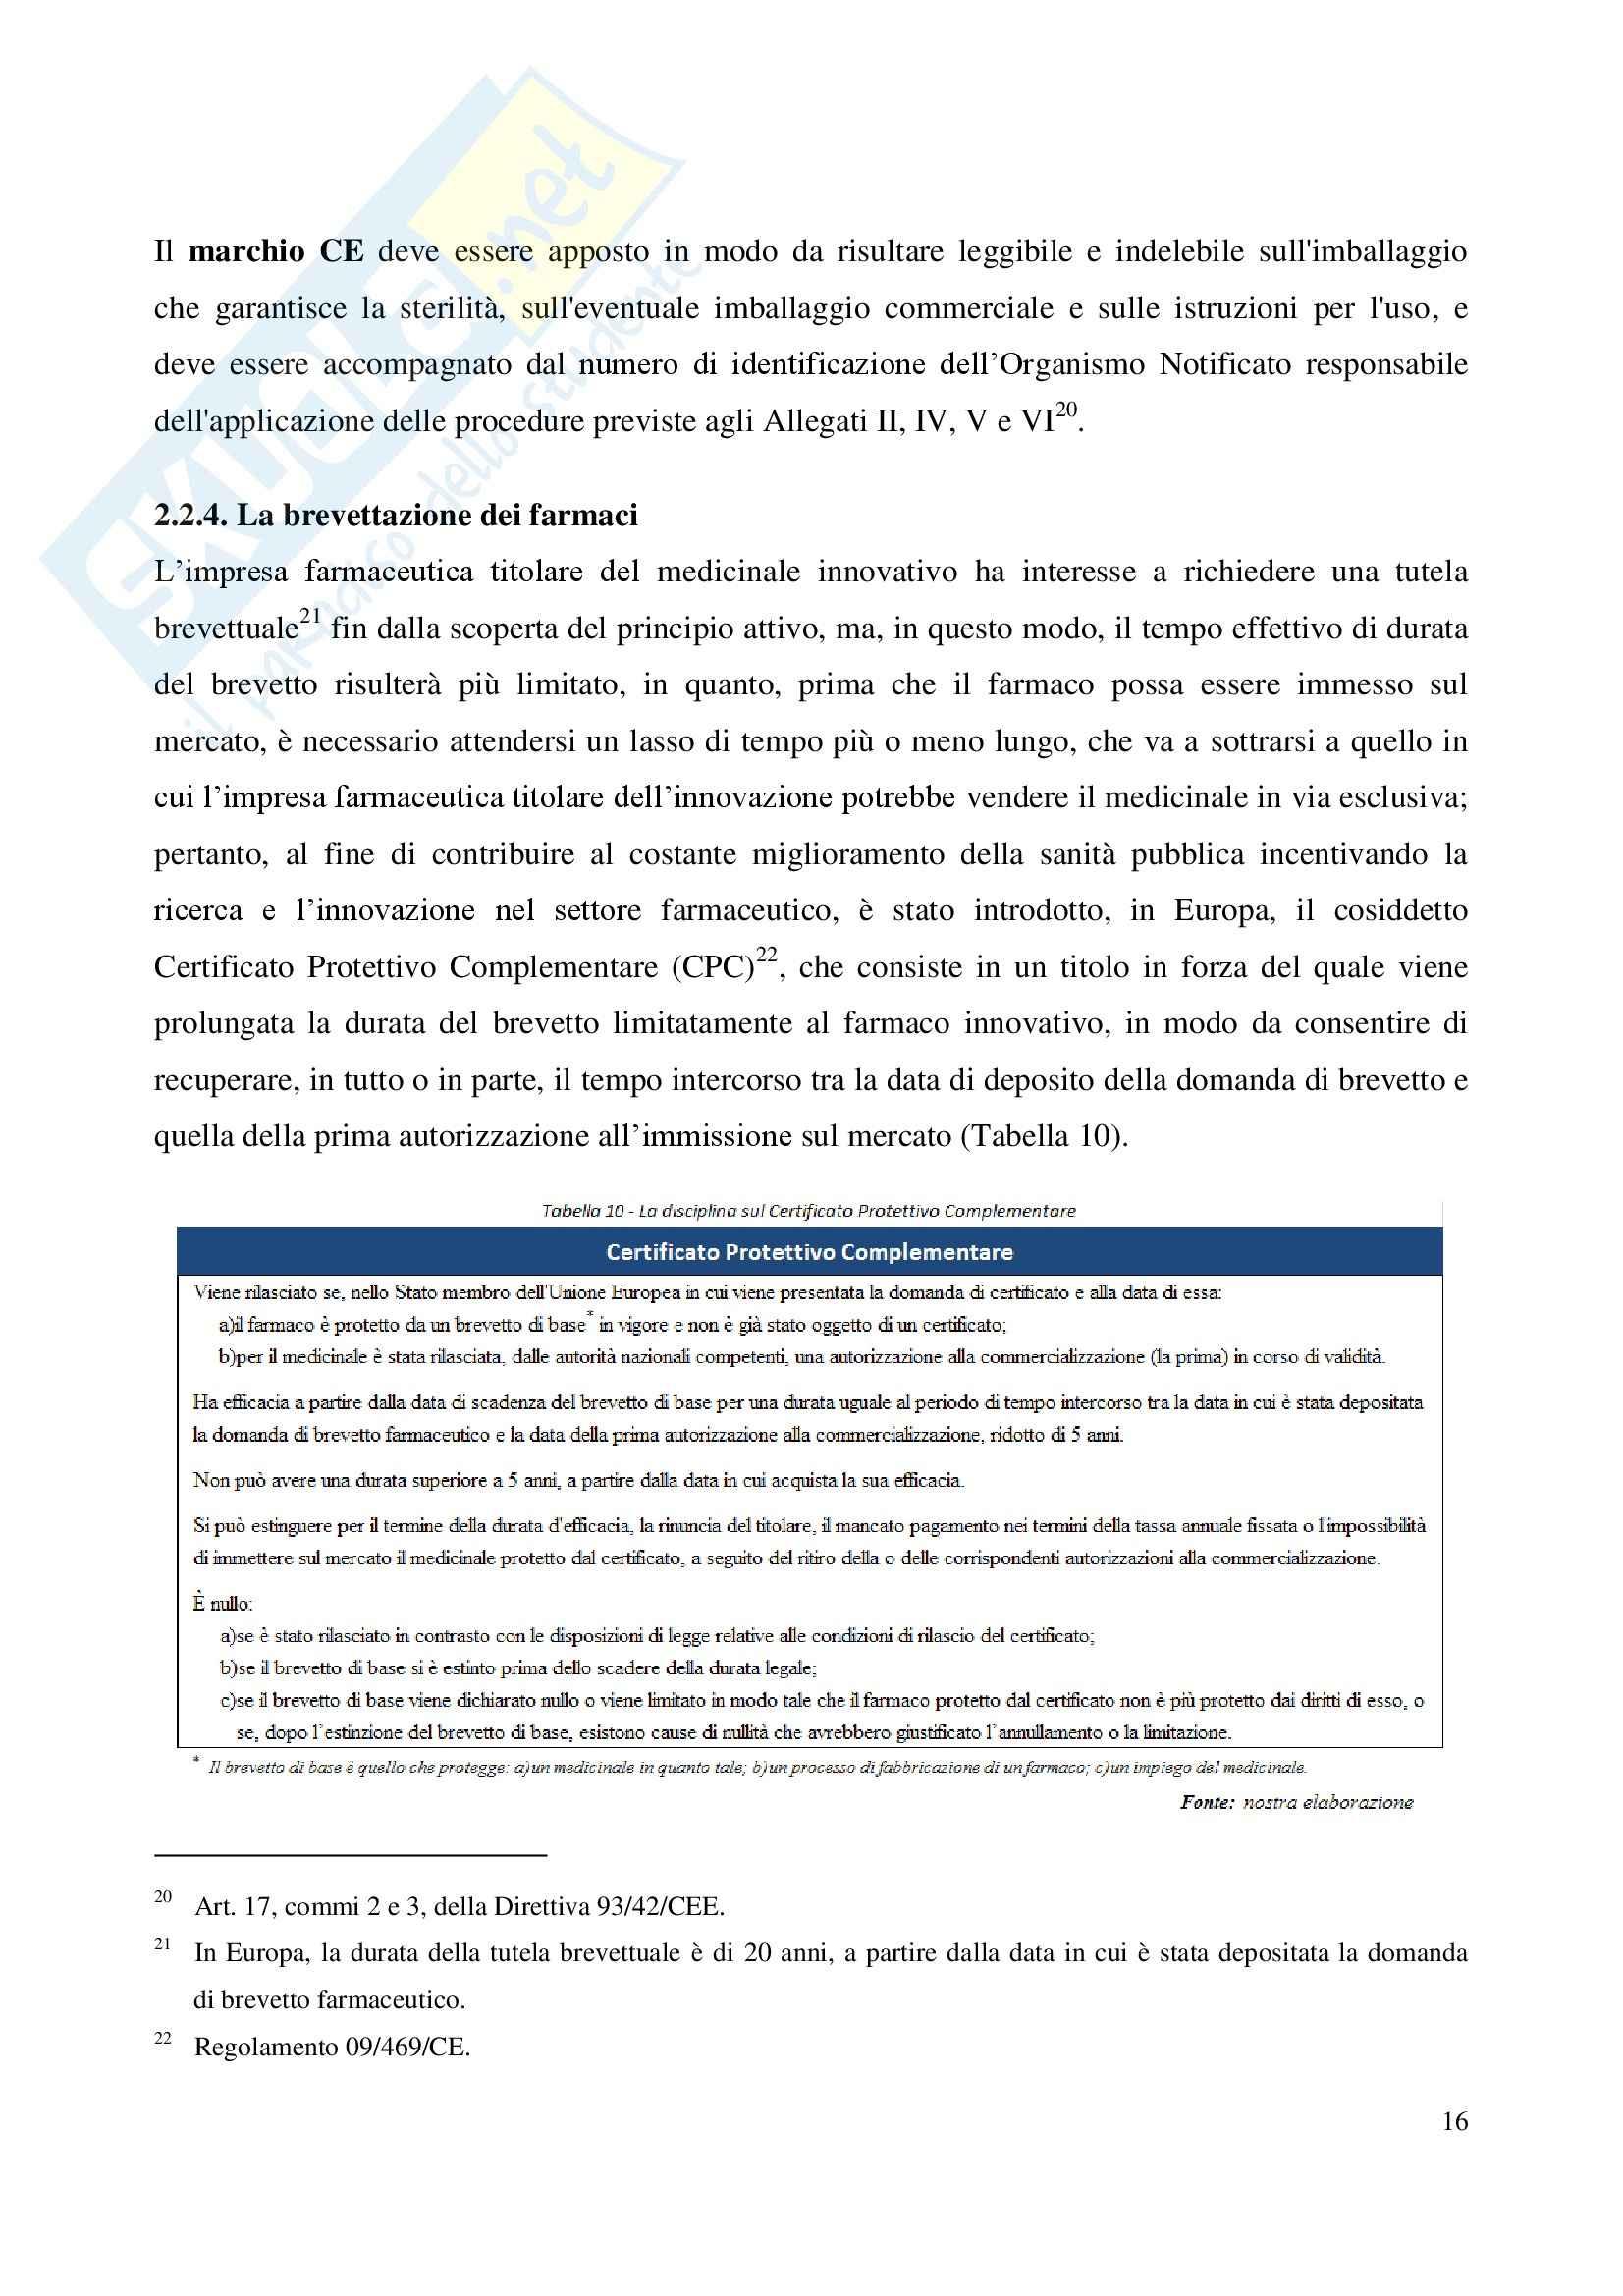 Tesi - Il lancio di nuovi prodotti nel mercato pharma Pag. 16